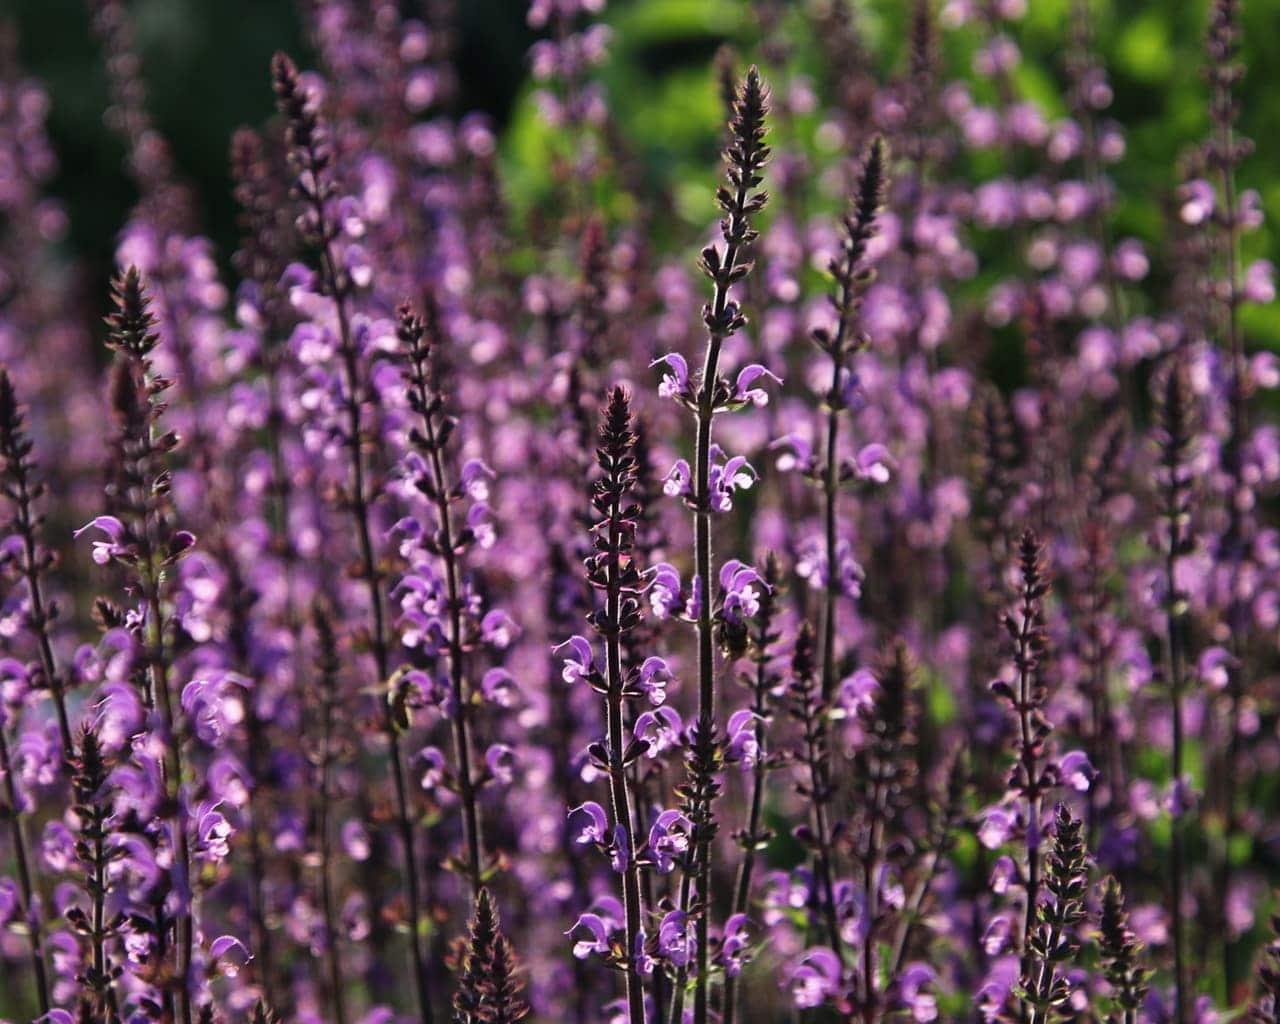 Die Steppen Salbei (Salvia nemerosa Serenade)